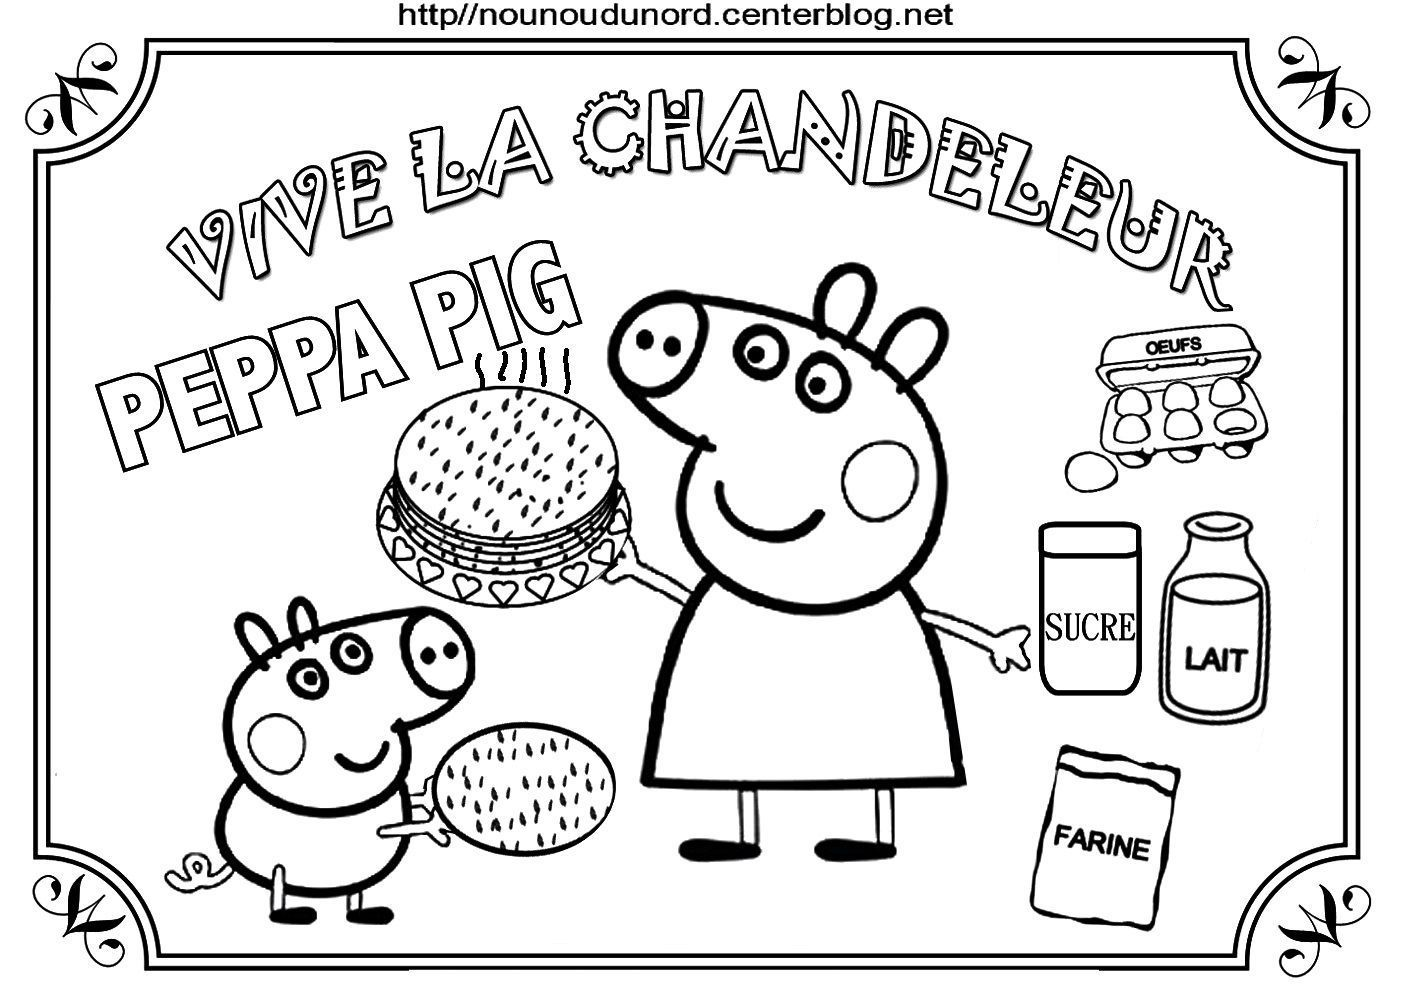 Peppa Pig Chandeleur 2020 En 2020 Coloriage Peppa Pig Activite Chandeleur Chandeleur Crepes